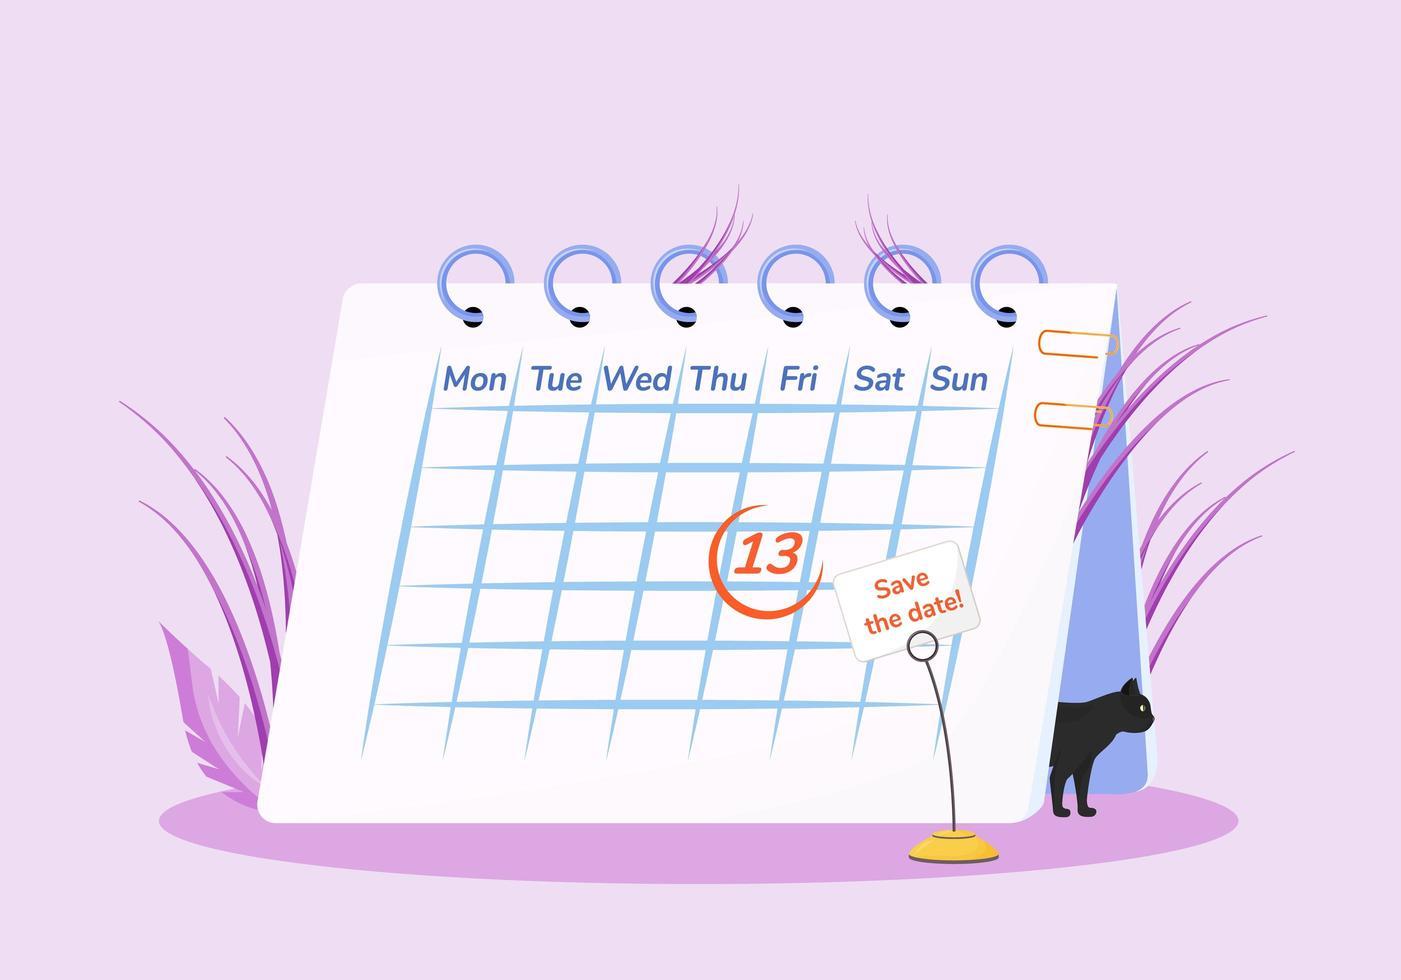 Freitag, den 13. im Kalender vektor